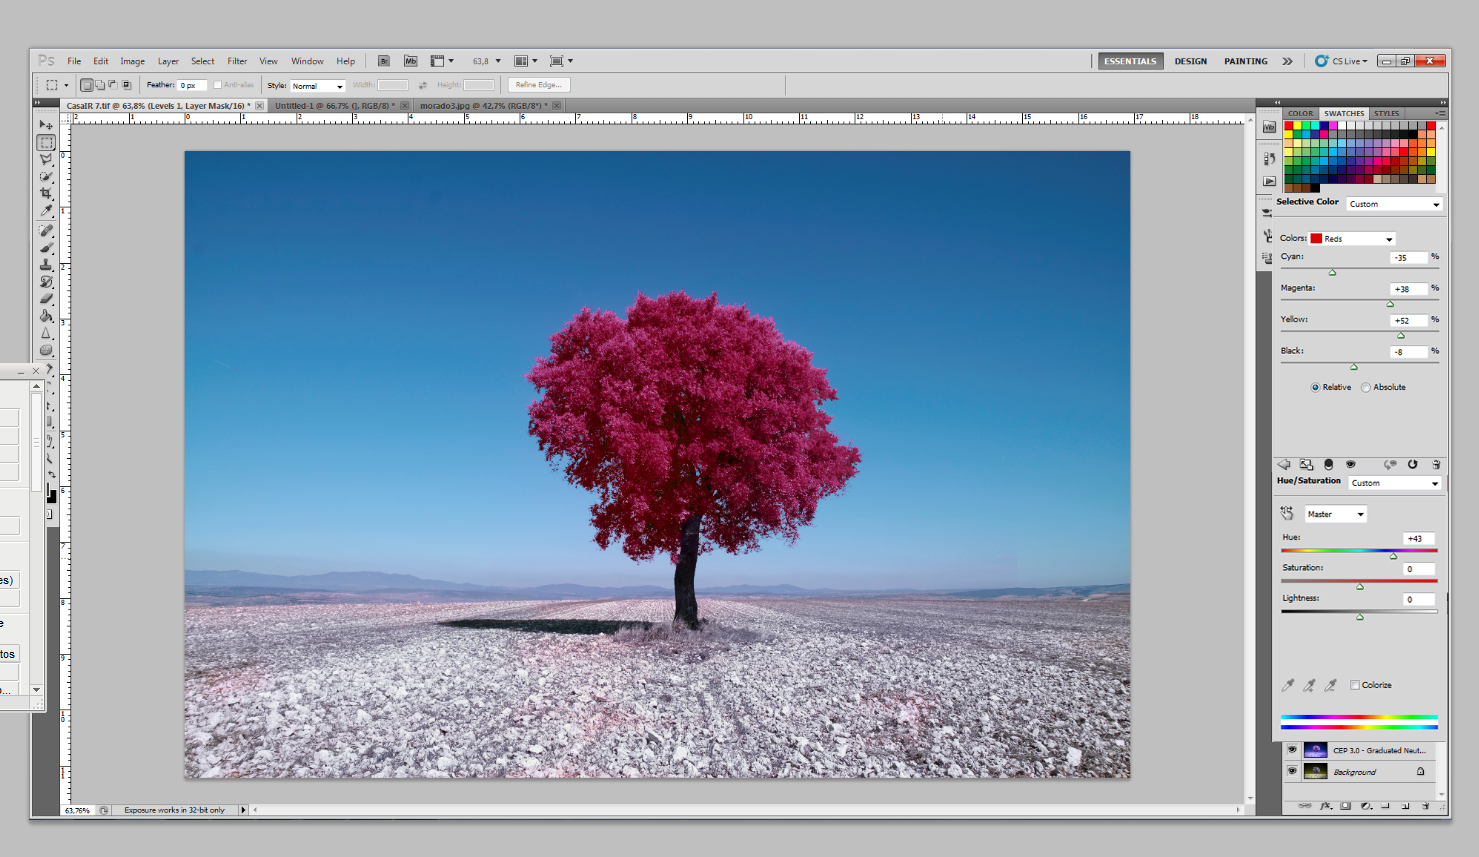 Как превратить пейзажное фото в сюрреалистическое инфракрасное изображение - 11a